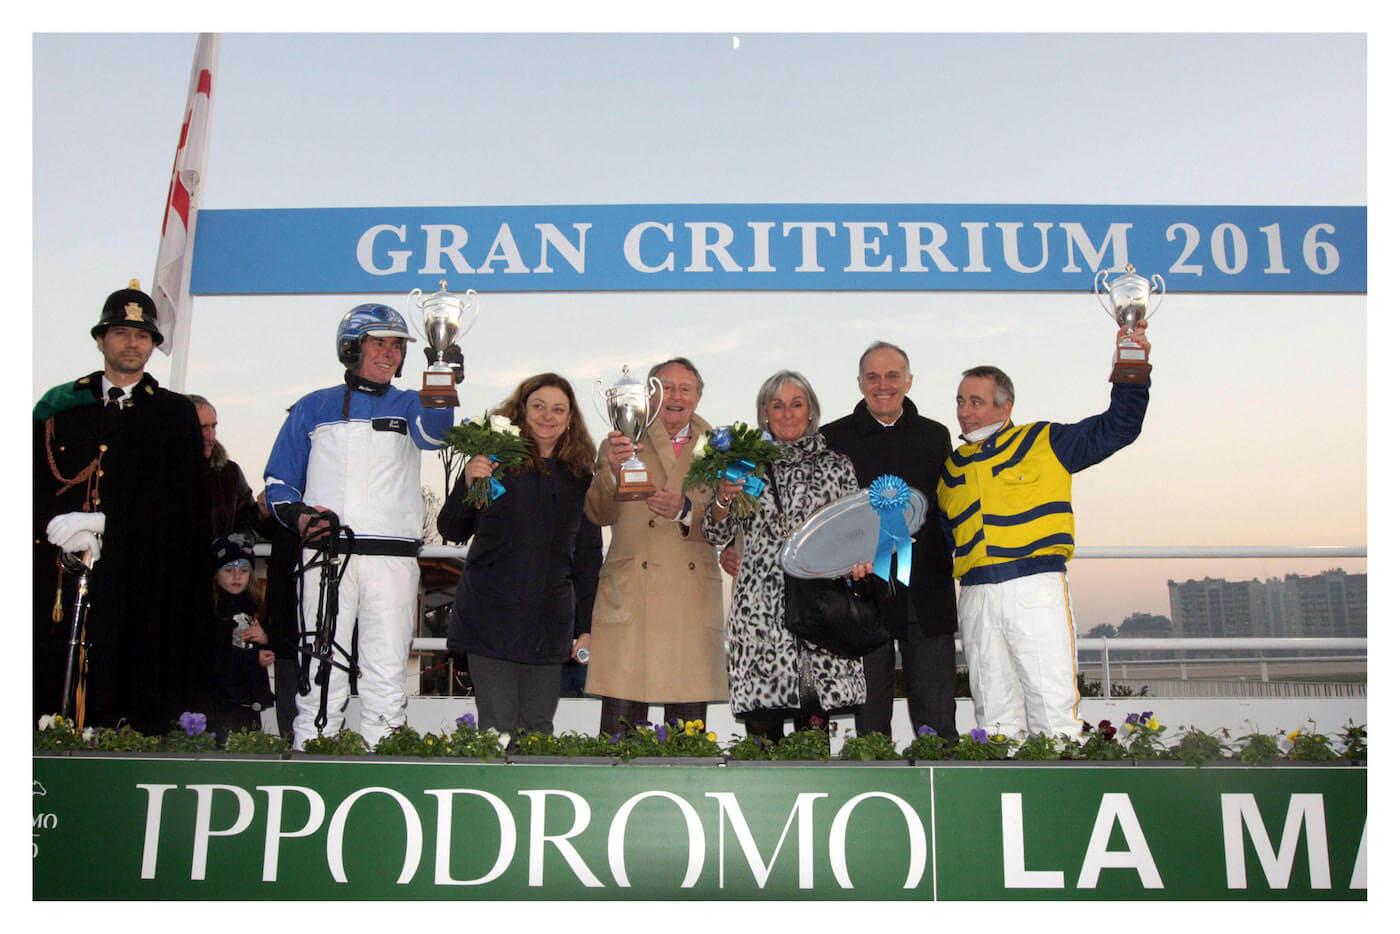 Gran Criterium premiazione